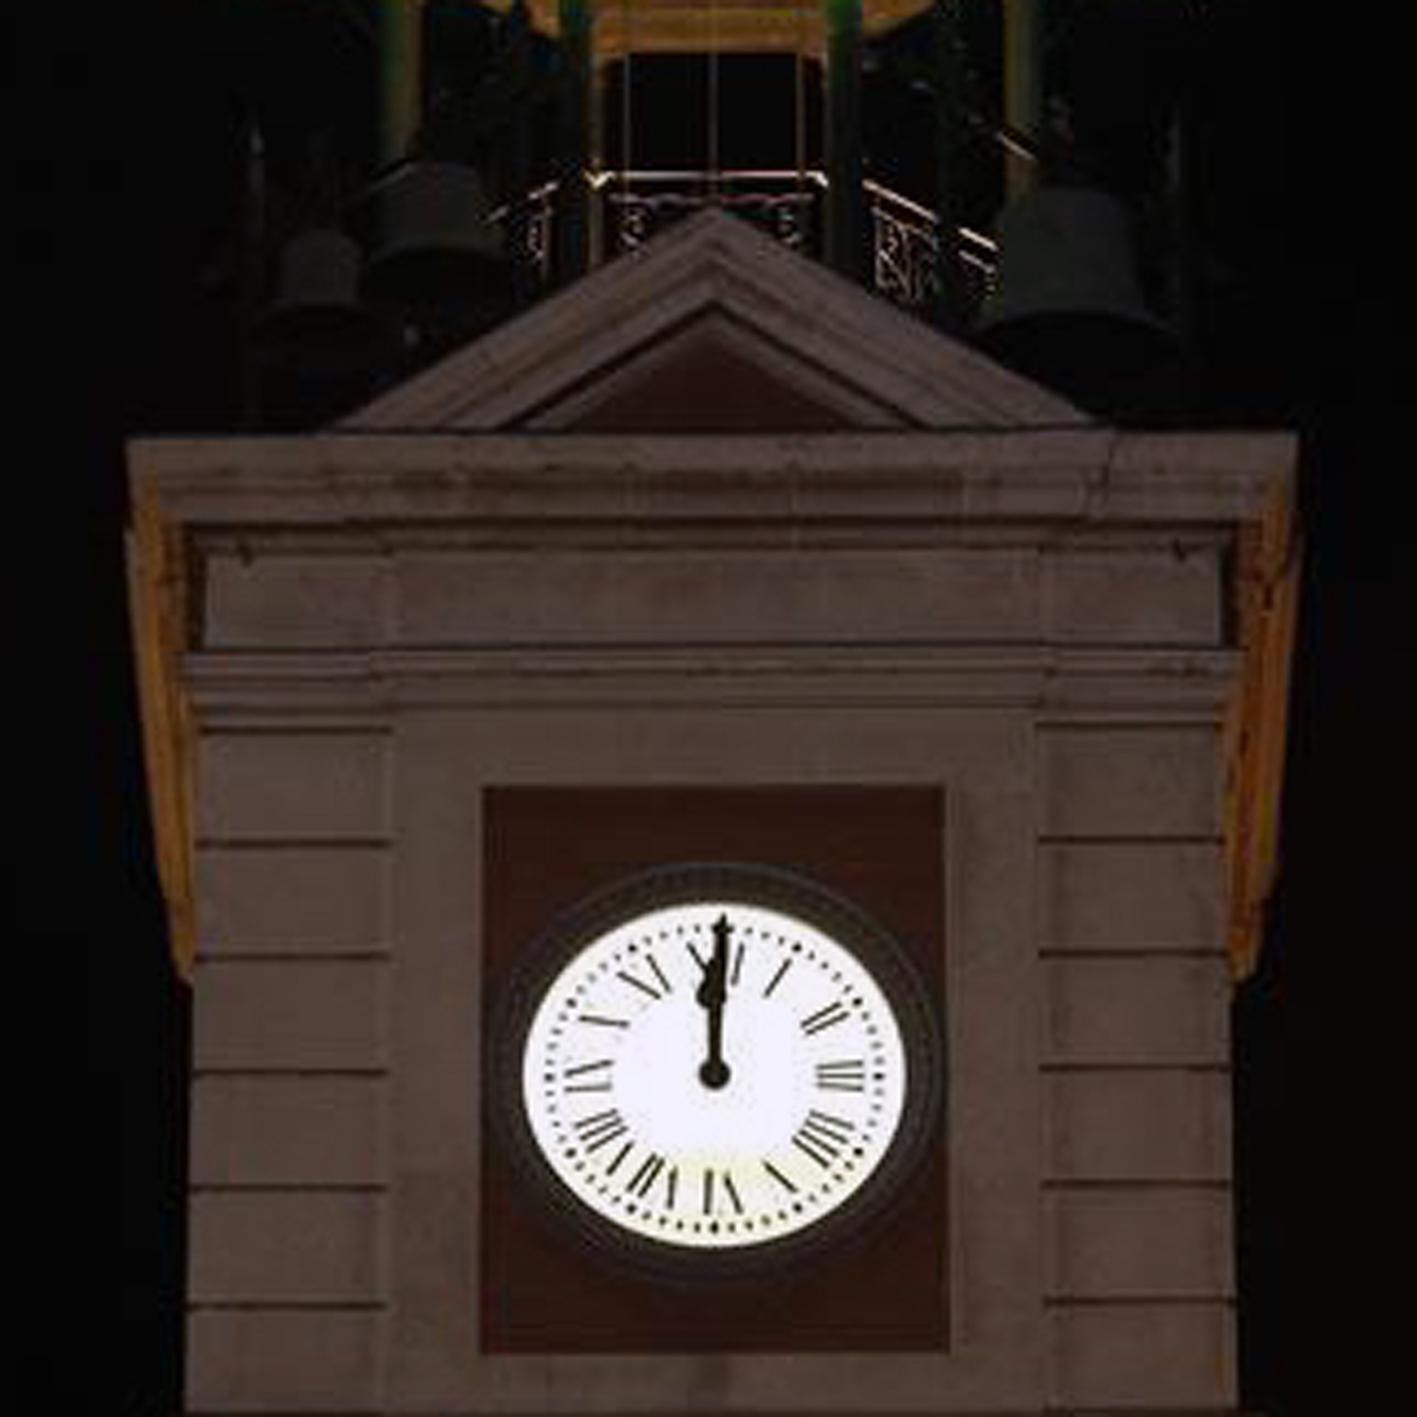 Descubriendo mayrit guia de turismo en madrid reloj de for Fotos reloj puerta del sol madrid